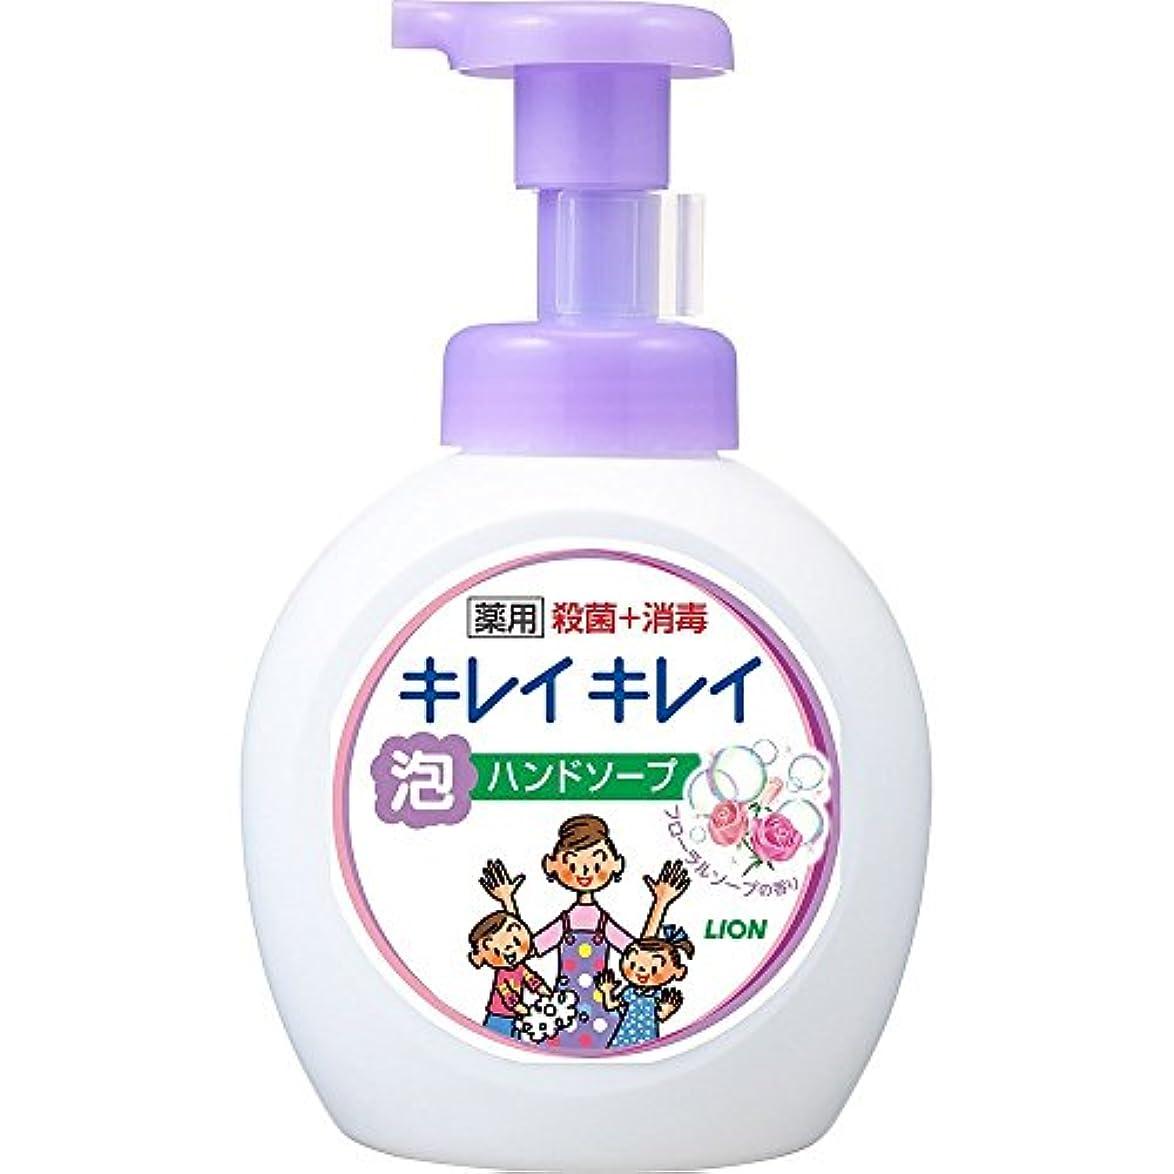 コンテンポラリーどうやらメインキレイキレイ 薬用 泡ハンドソープ フローラルソープの香り 本体ポンプ 大型サイズ 500ml(医薬部外品)